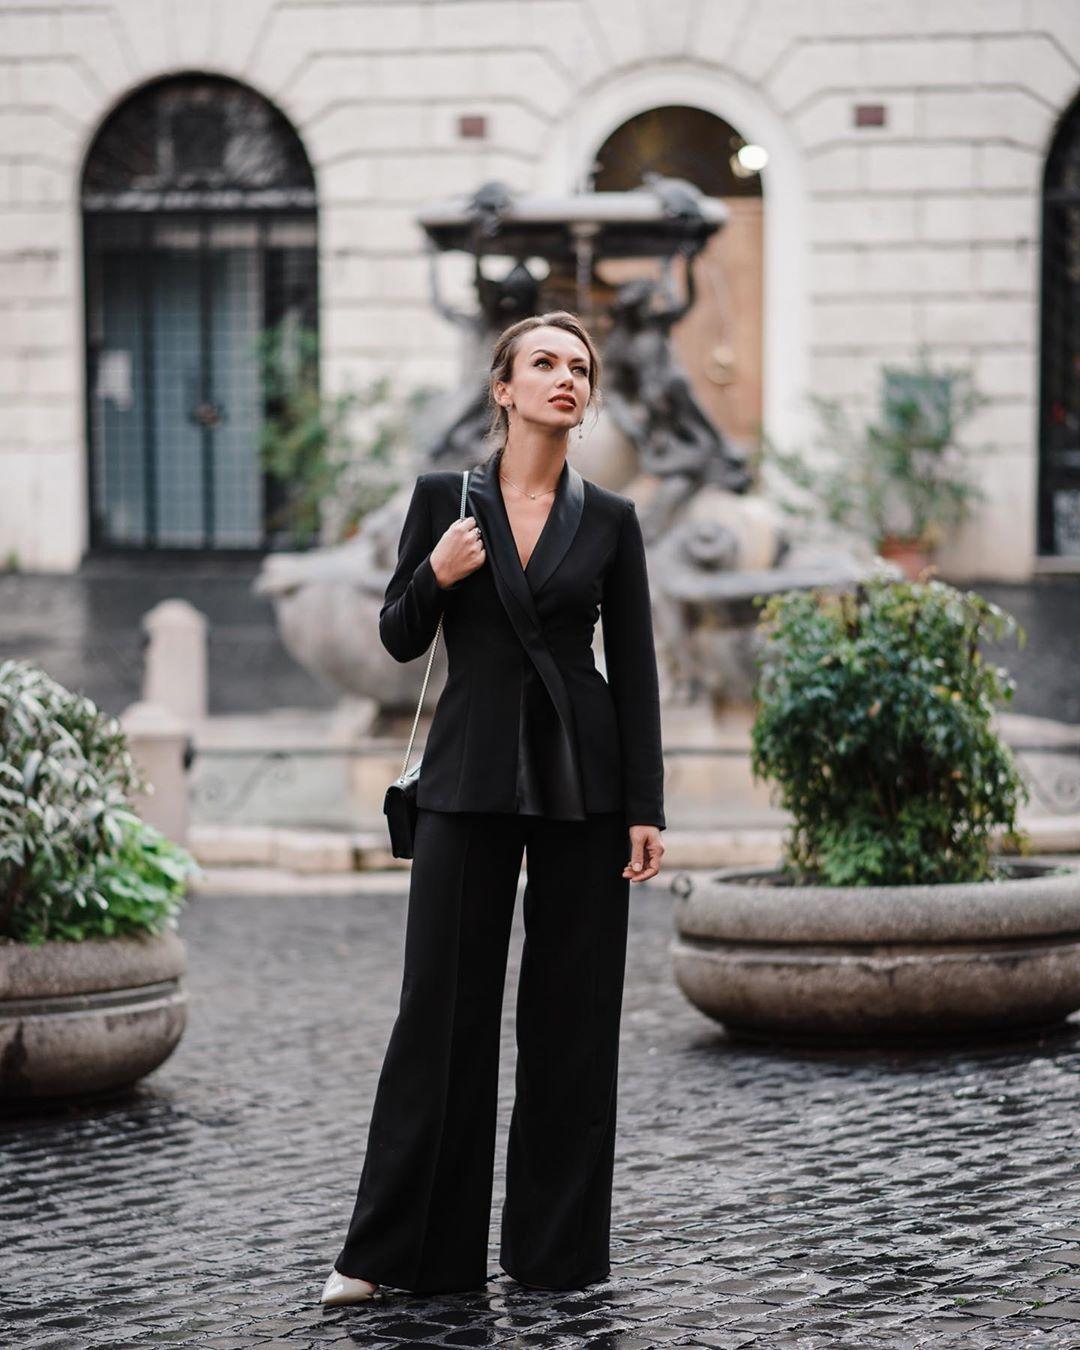 модные образы для бизнес-леди осень 2019 фото 4